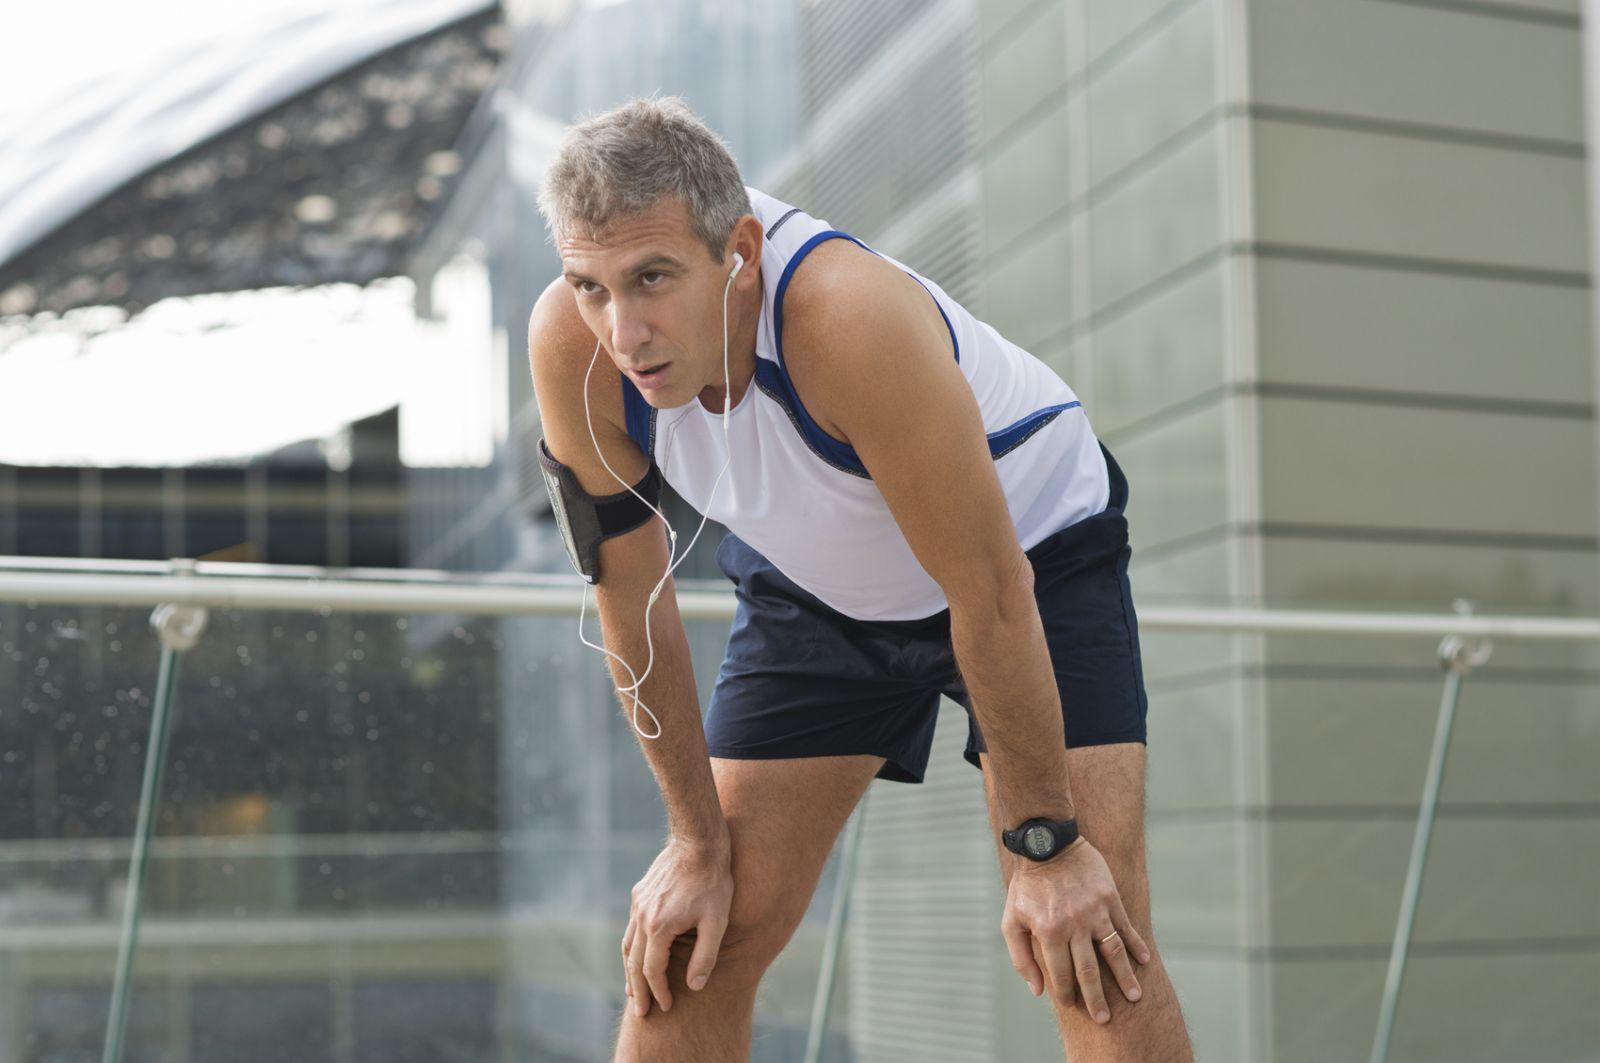 tough-workout-running